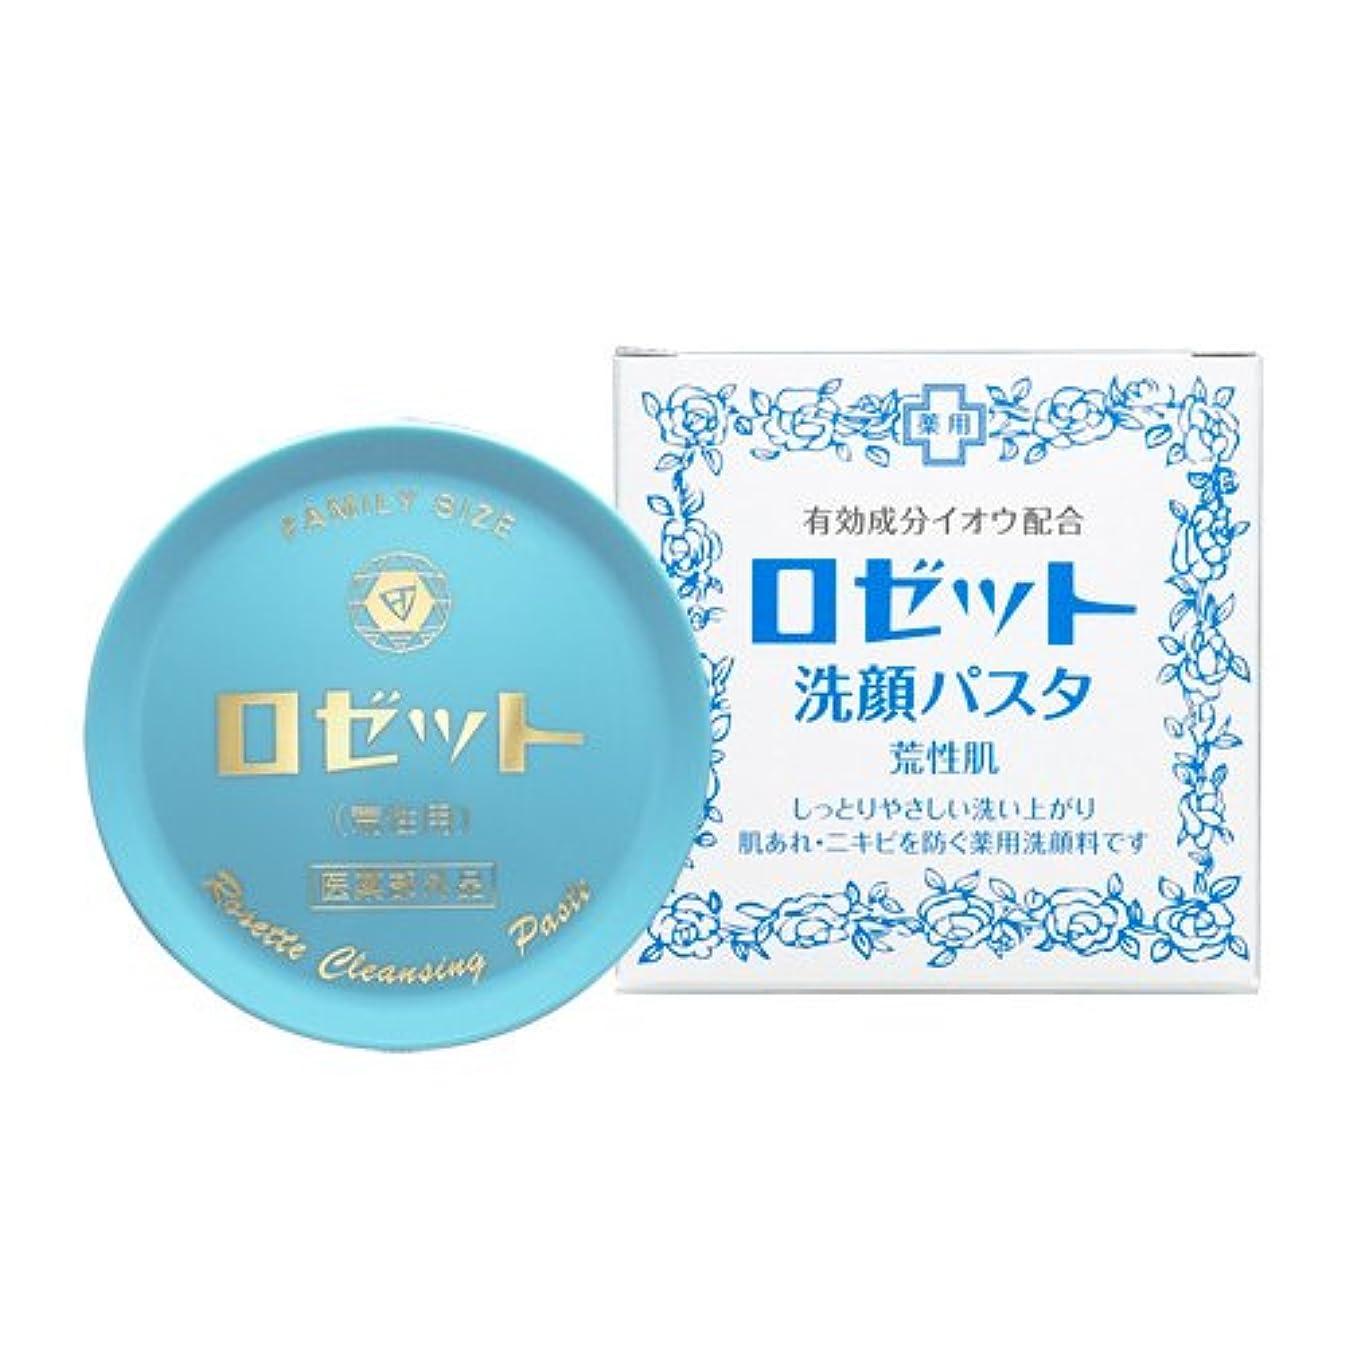 ホールベルベットバレーボールロゼット洗顔パスタ 荒性肌 90g (医薬部外品)